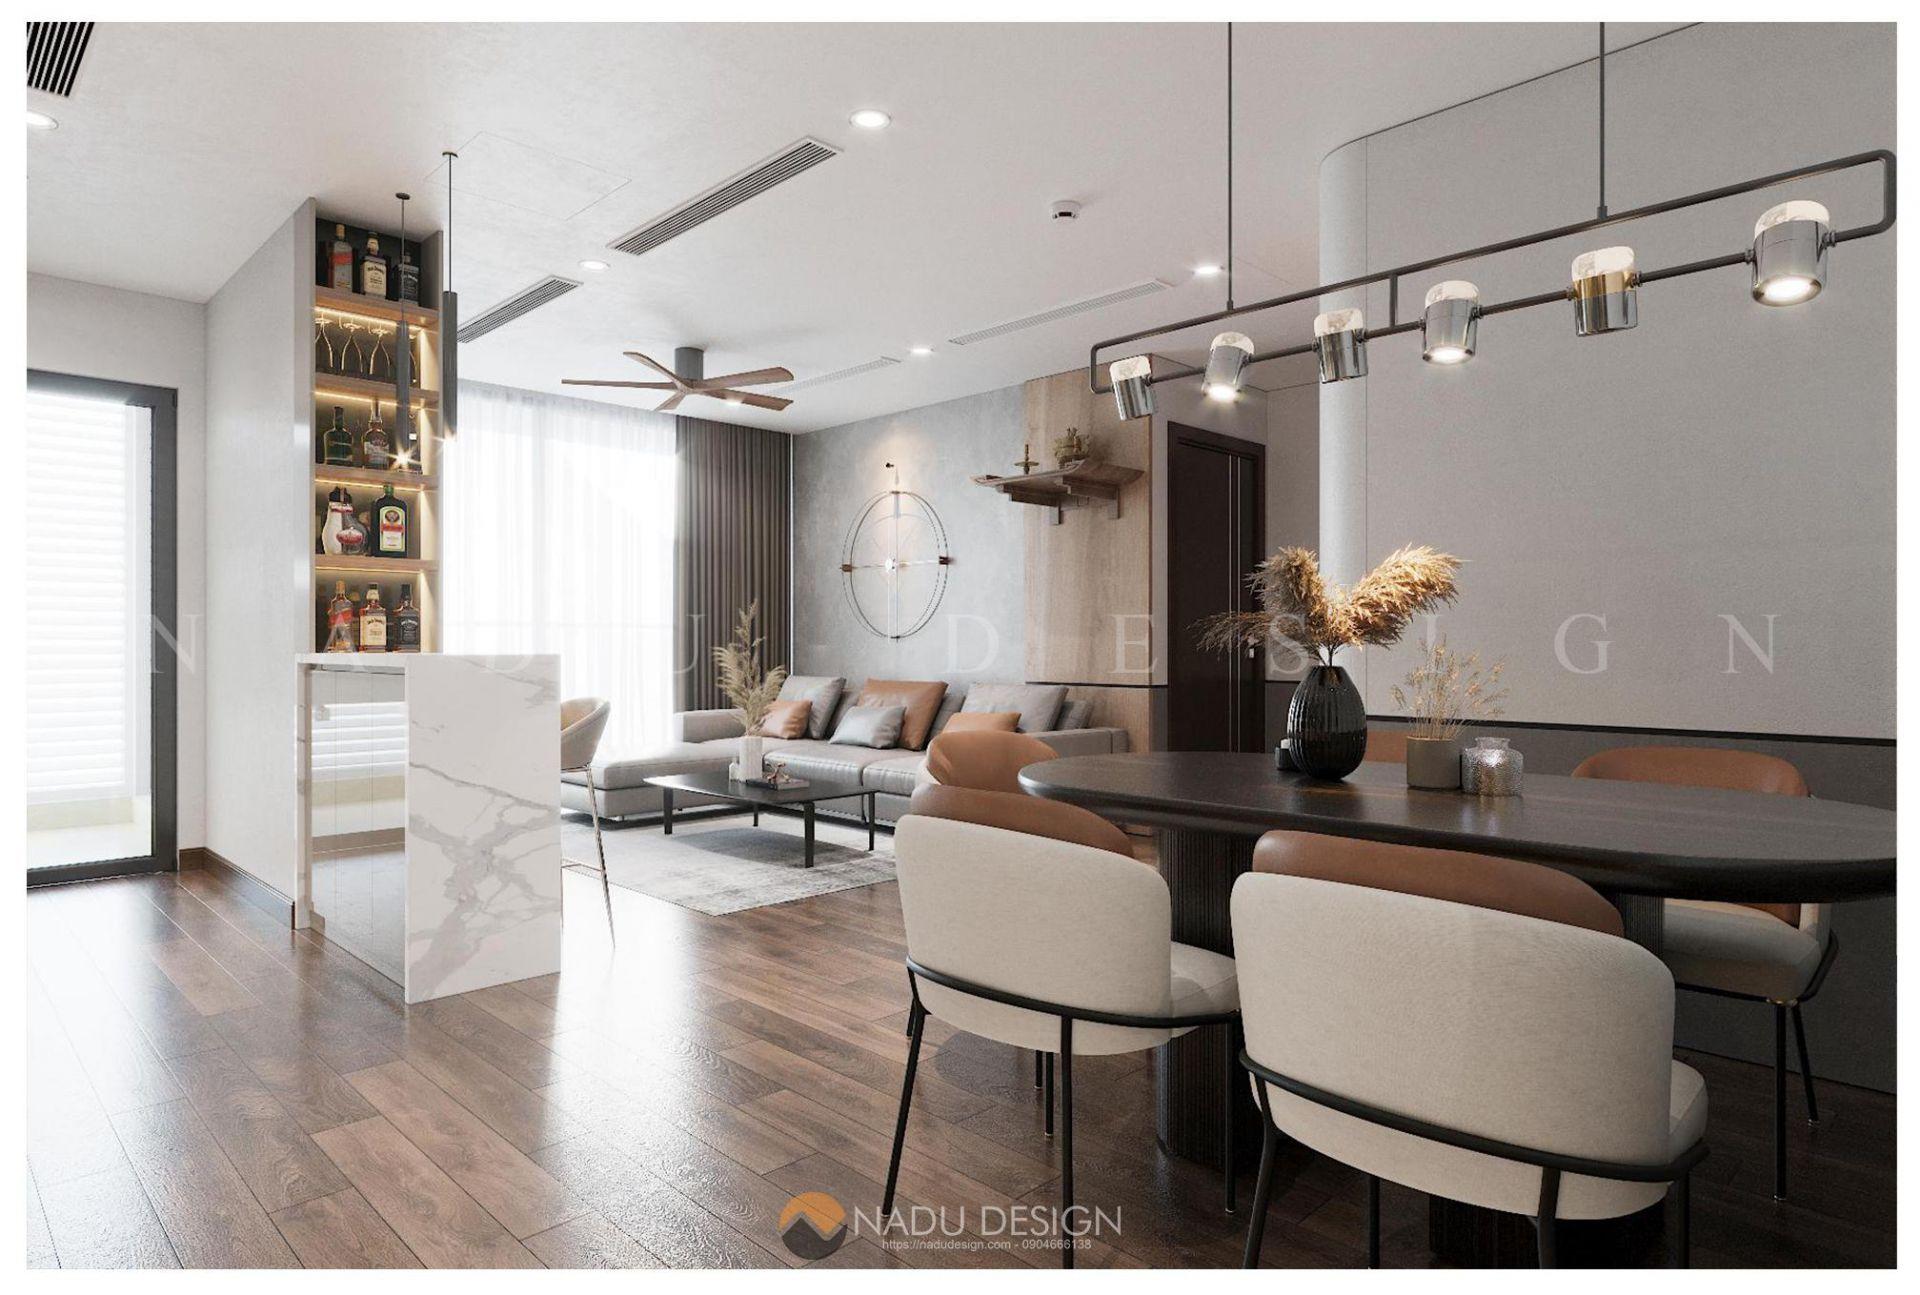 Mẫu thiết kế nội thất theo phong cách hiện đại